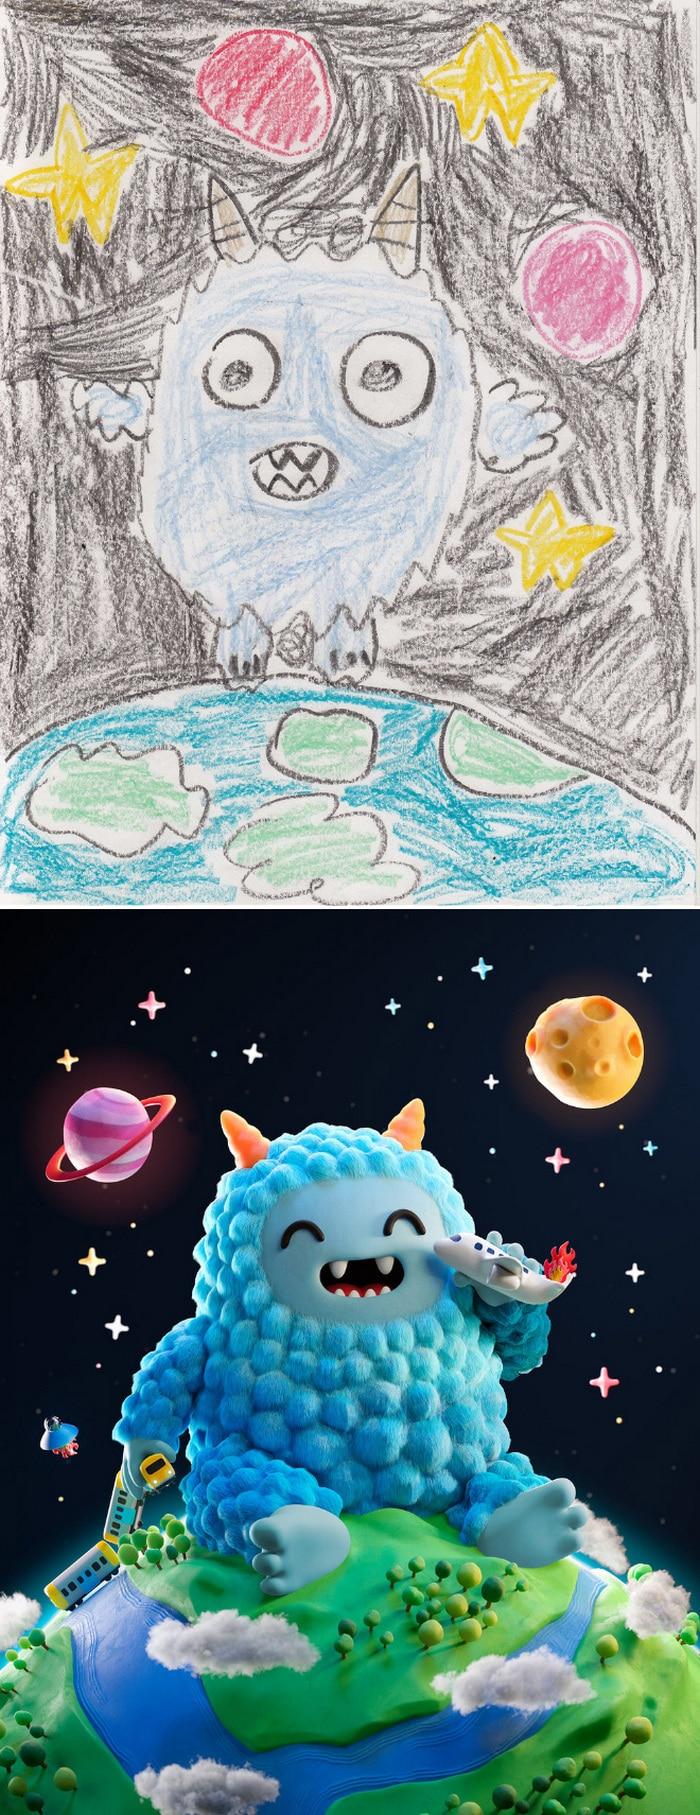 Projeto Monstro - Crianças desenham monstros e artistas recriam com sua arte 9